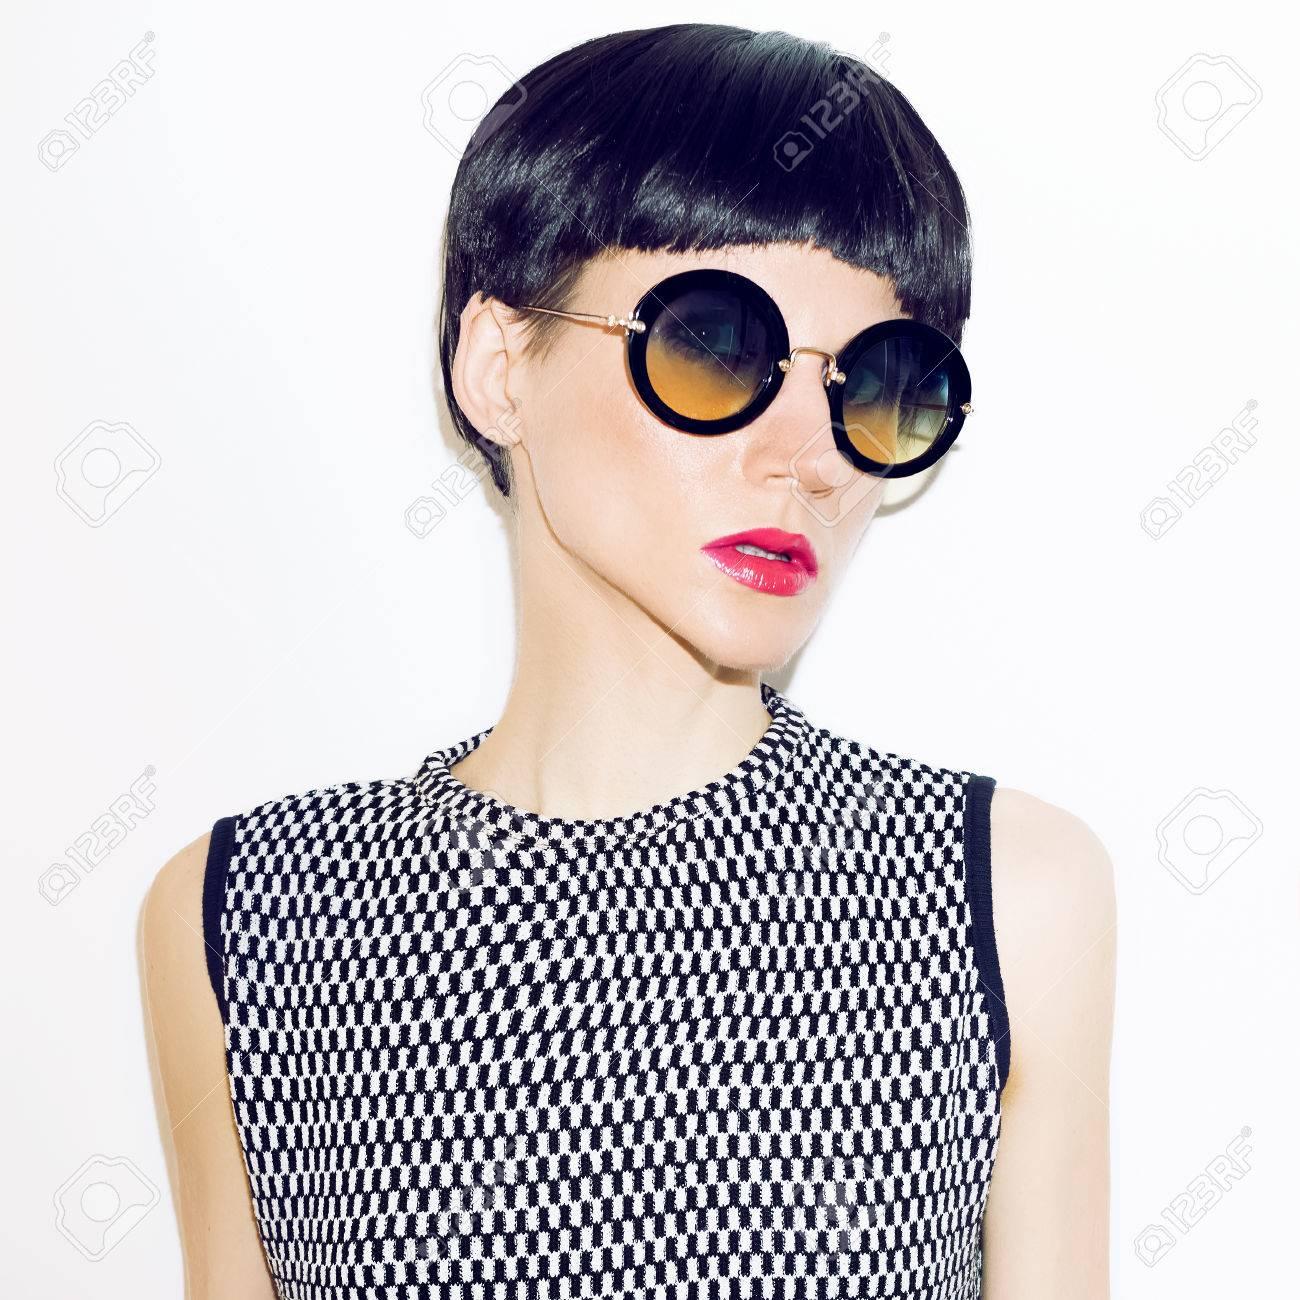 chica en gafas de sol de moda y corte de pelo corto de moda foto